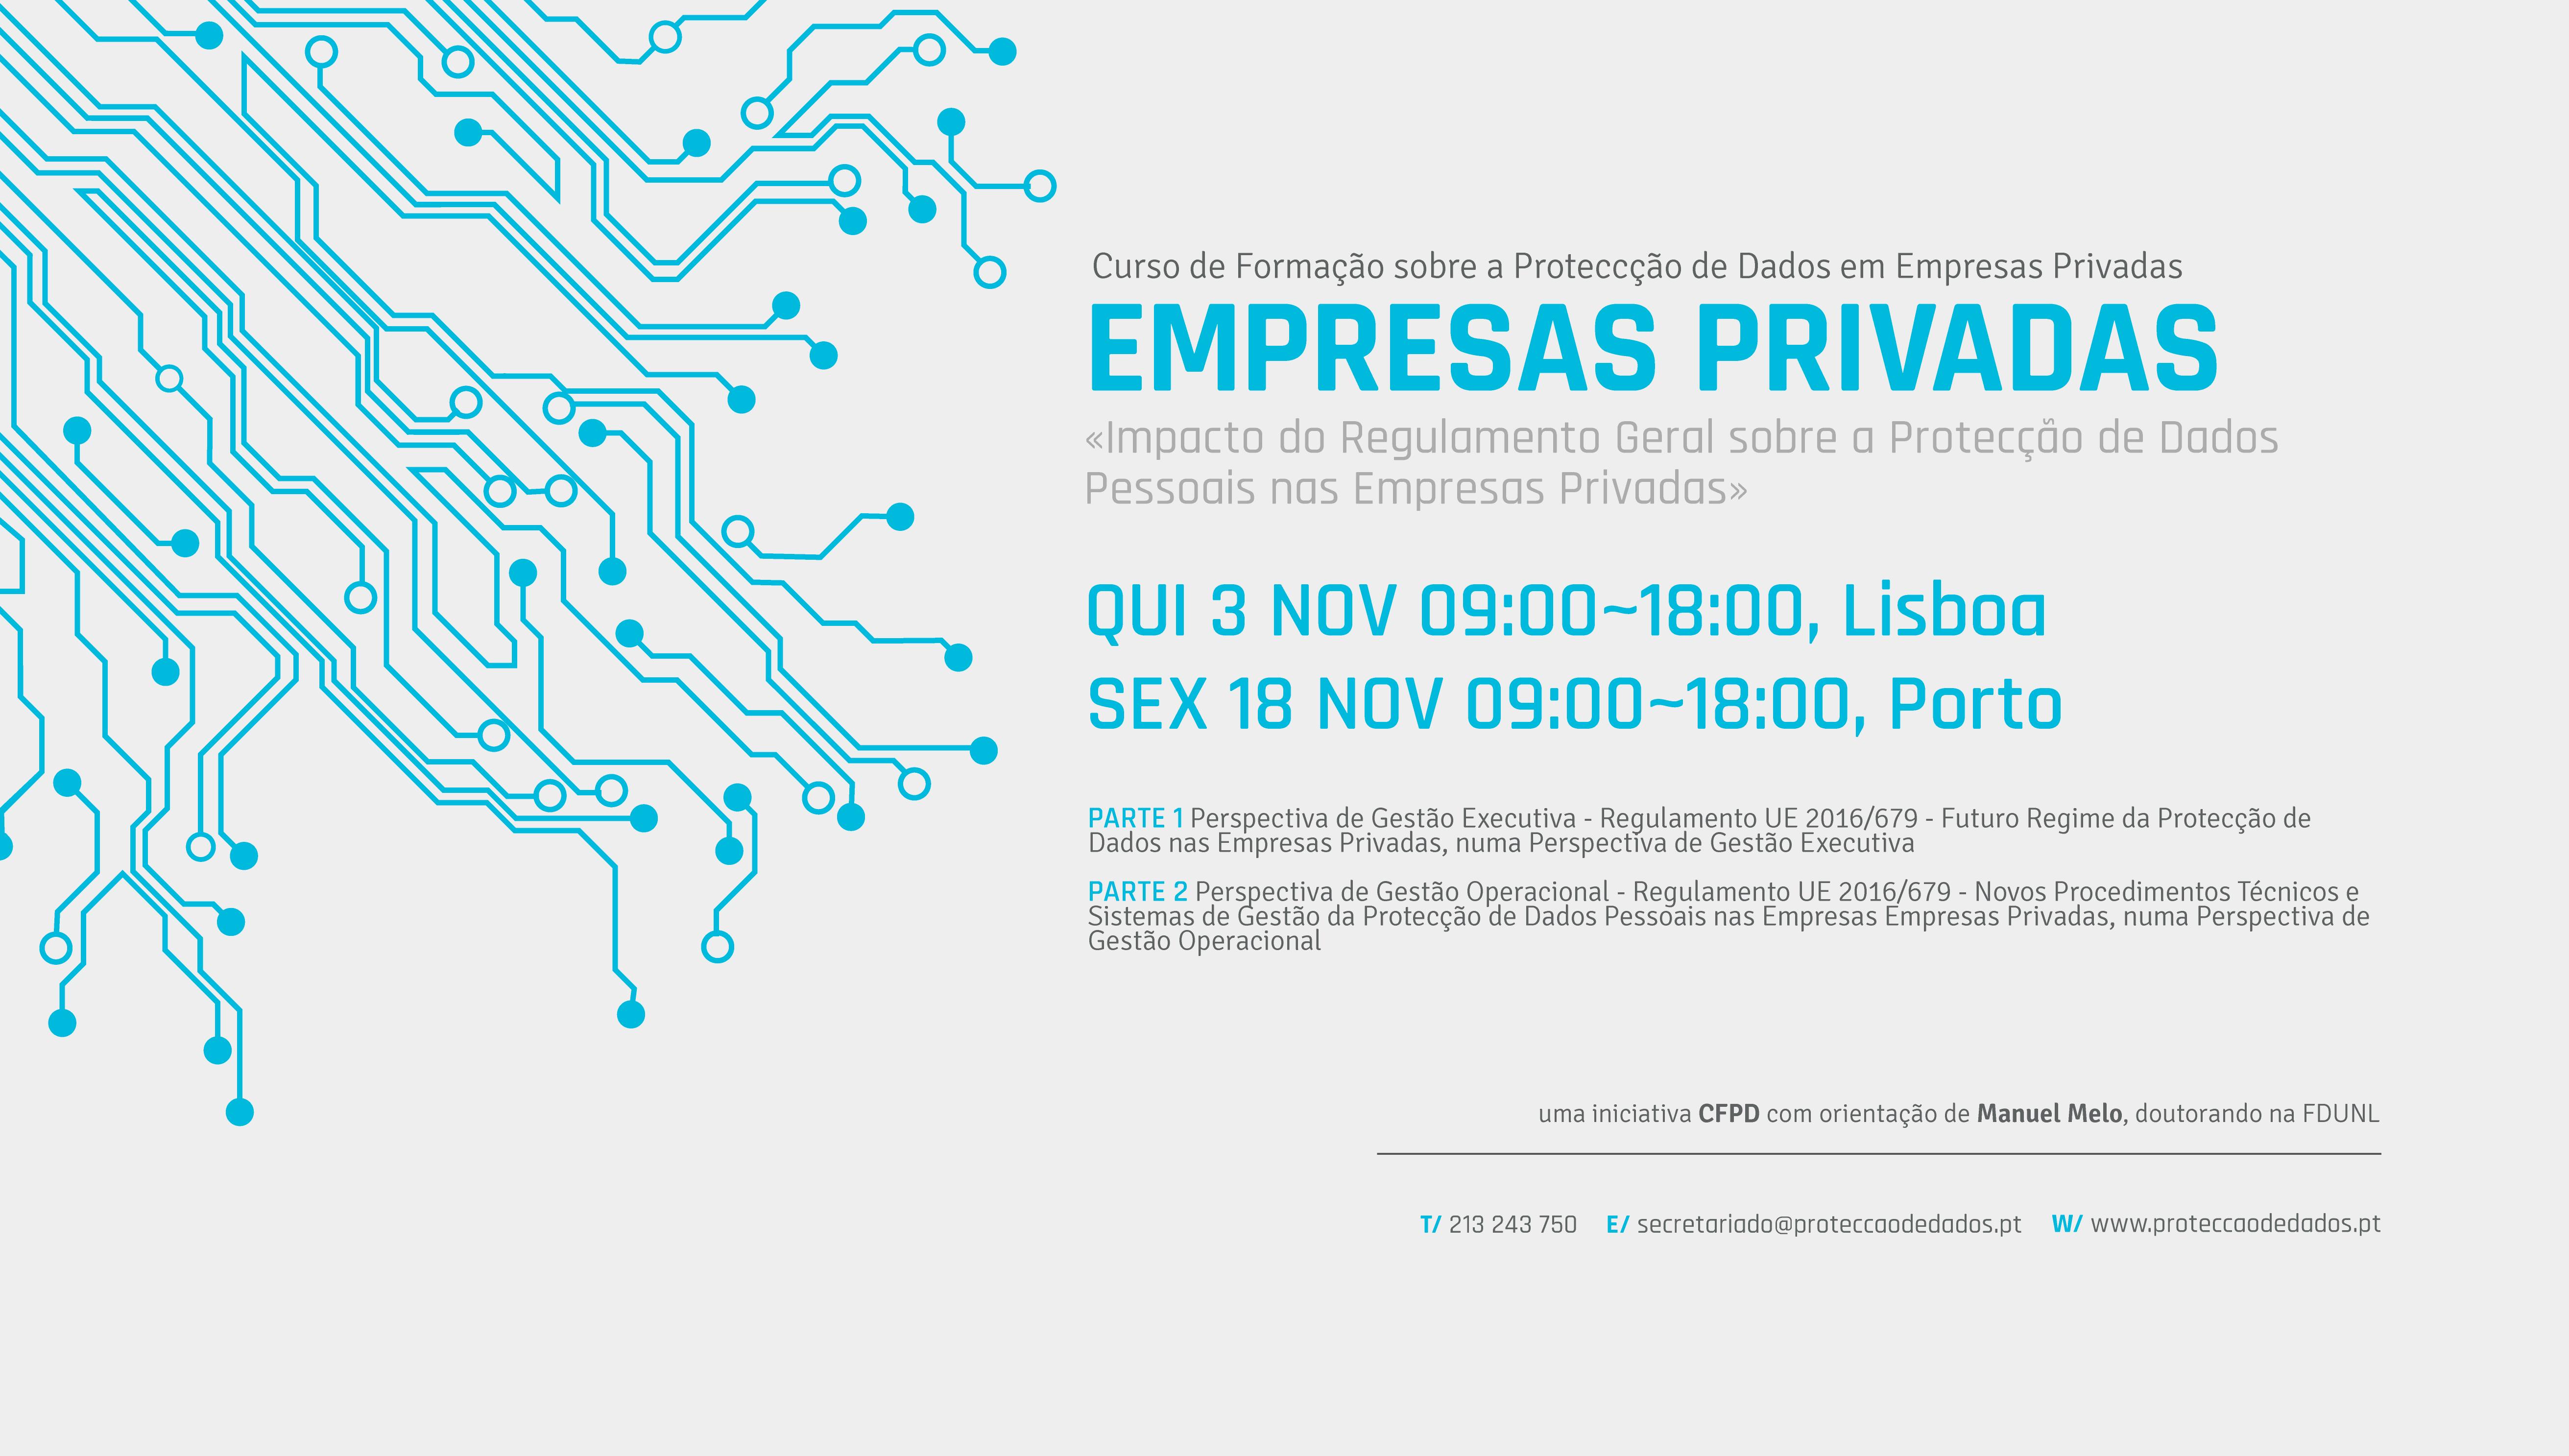 II Curso de Formação - «Impacto do Regulamento Geral de Protecção de Dados nas Empresas Privadas»